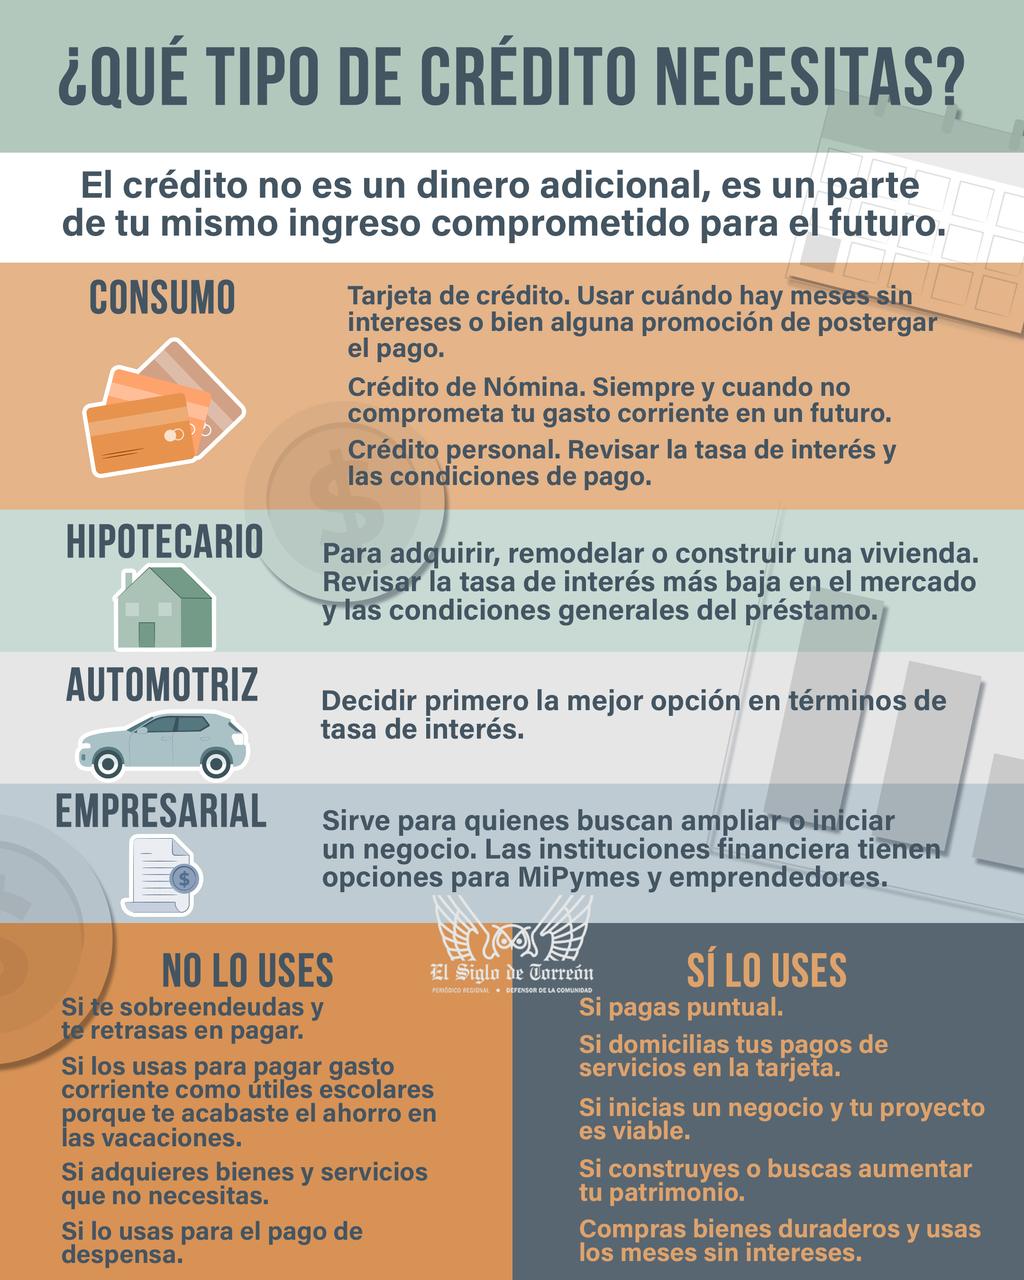 El crédito no repunta pese a las bajas tasas en México